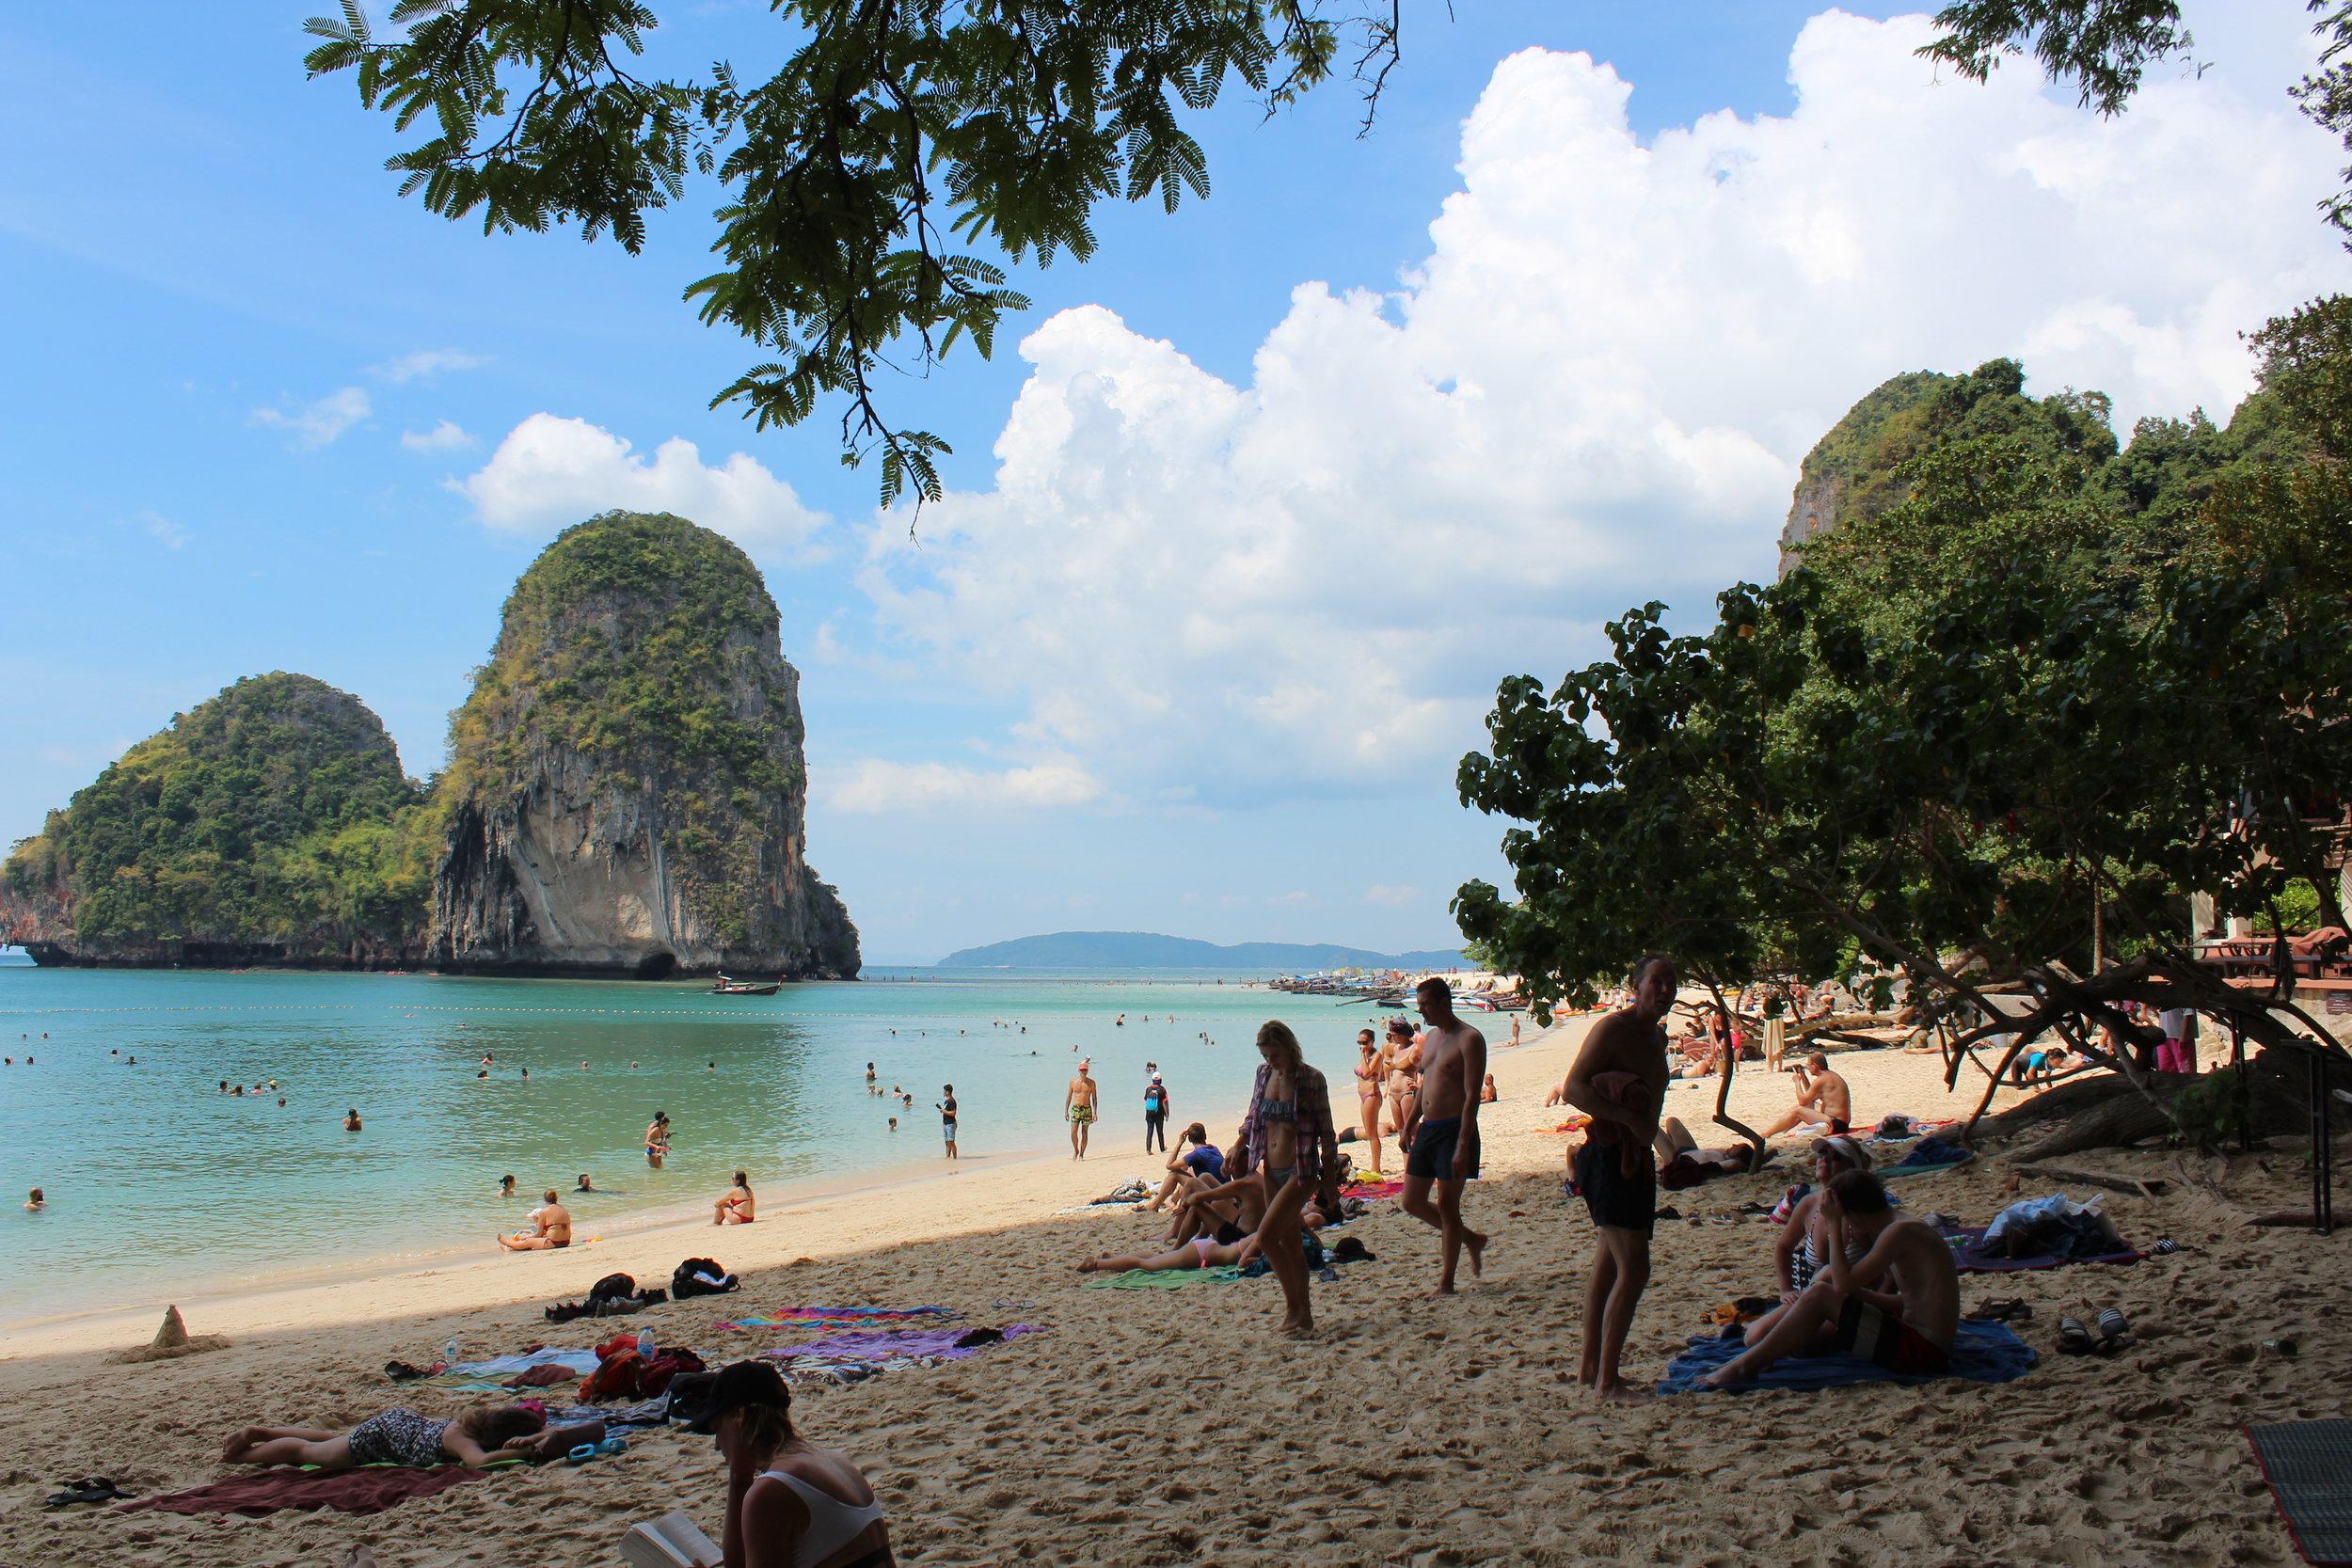 Välbesökt strand, men lugnt och skönt